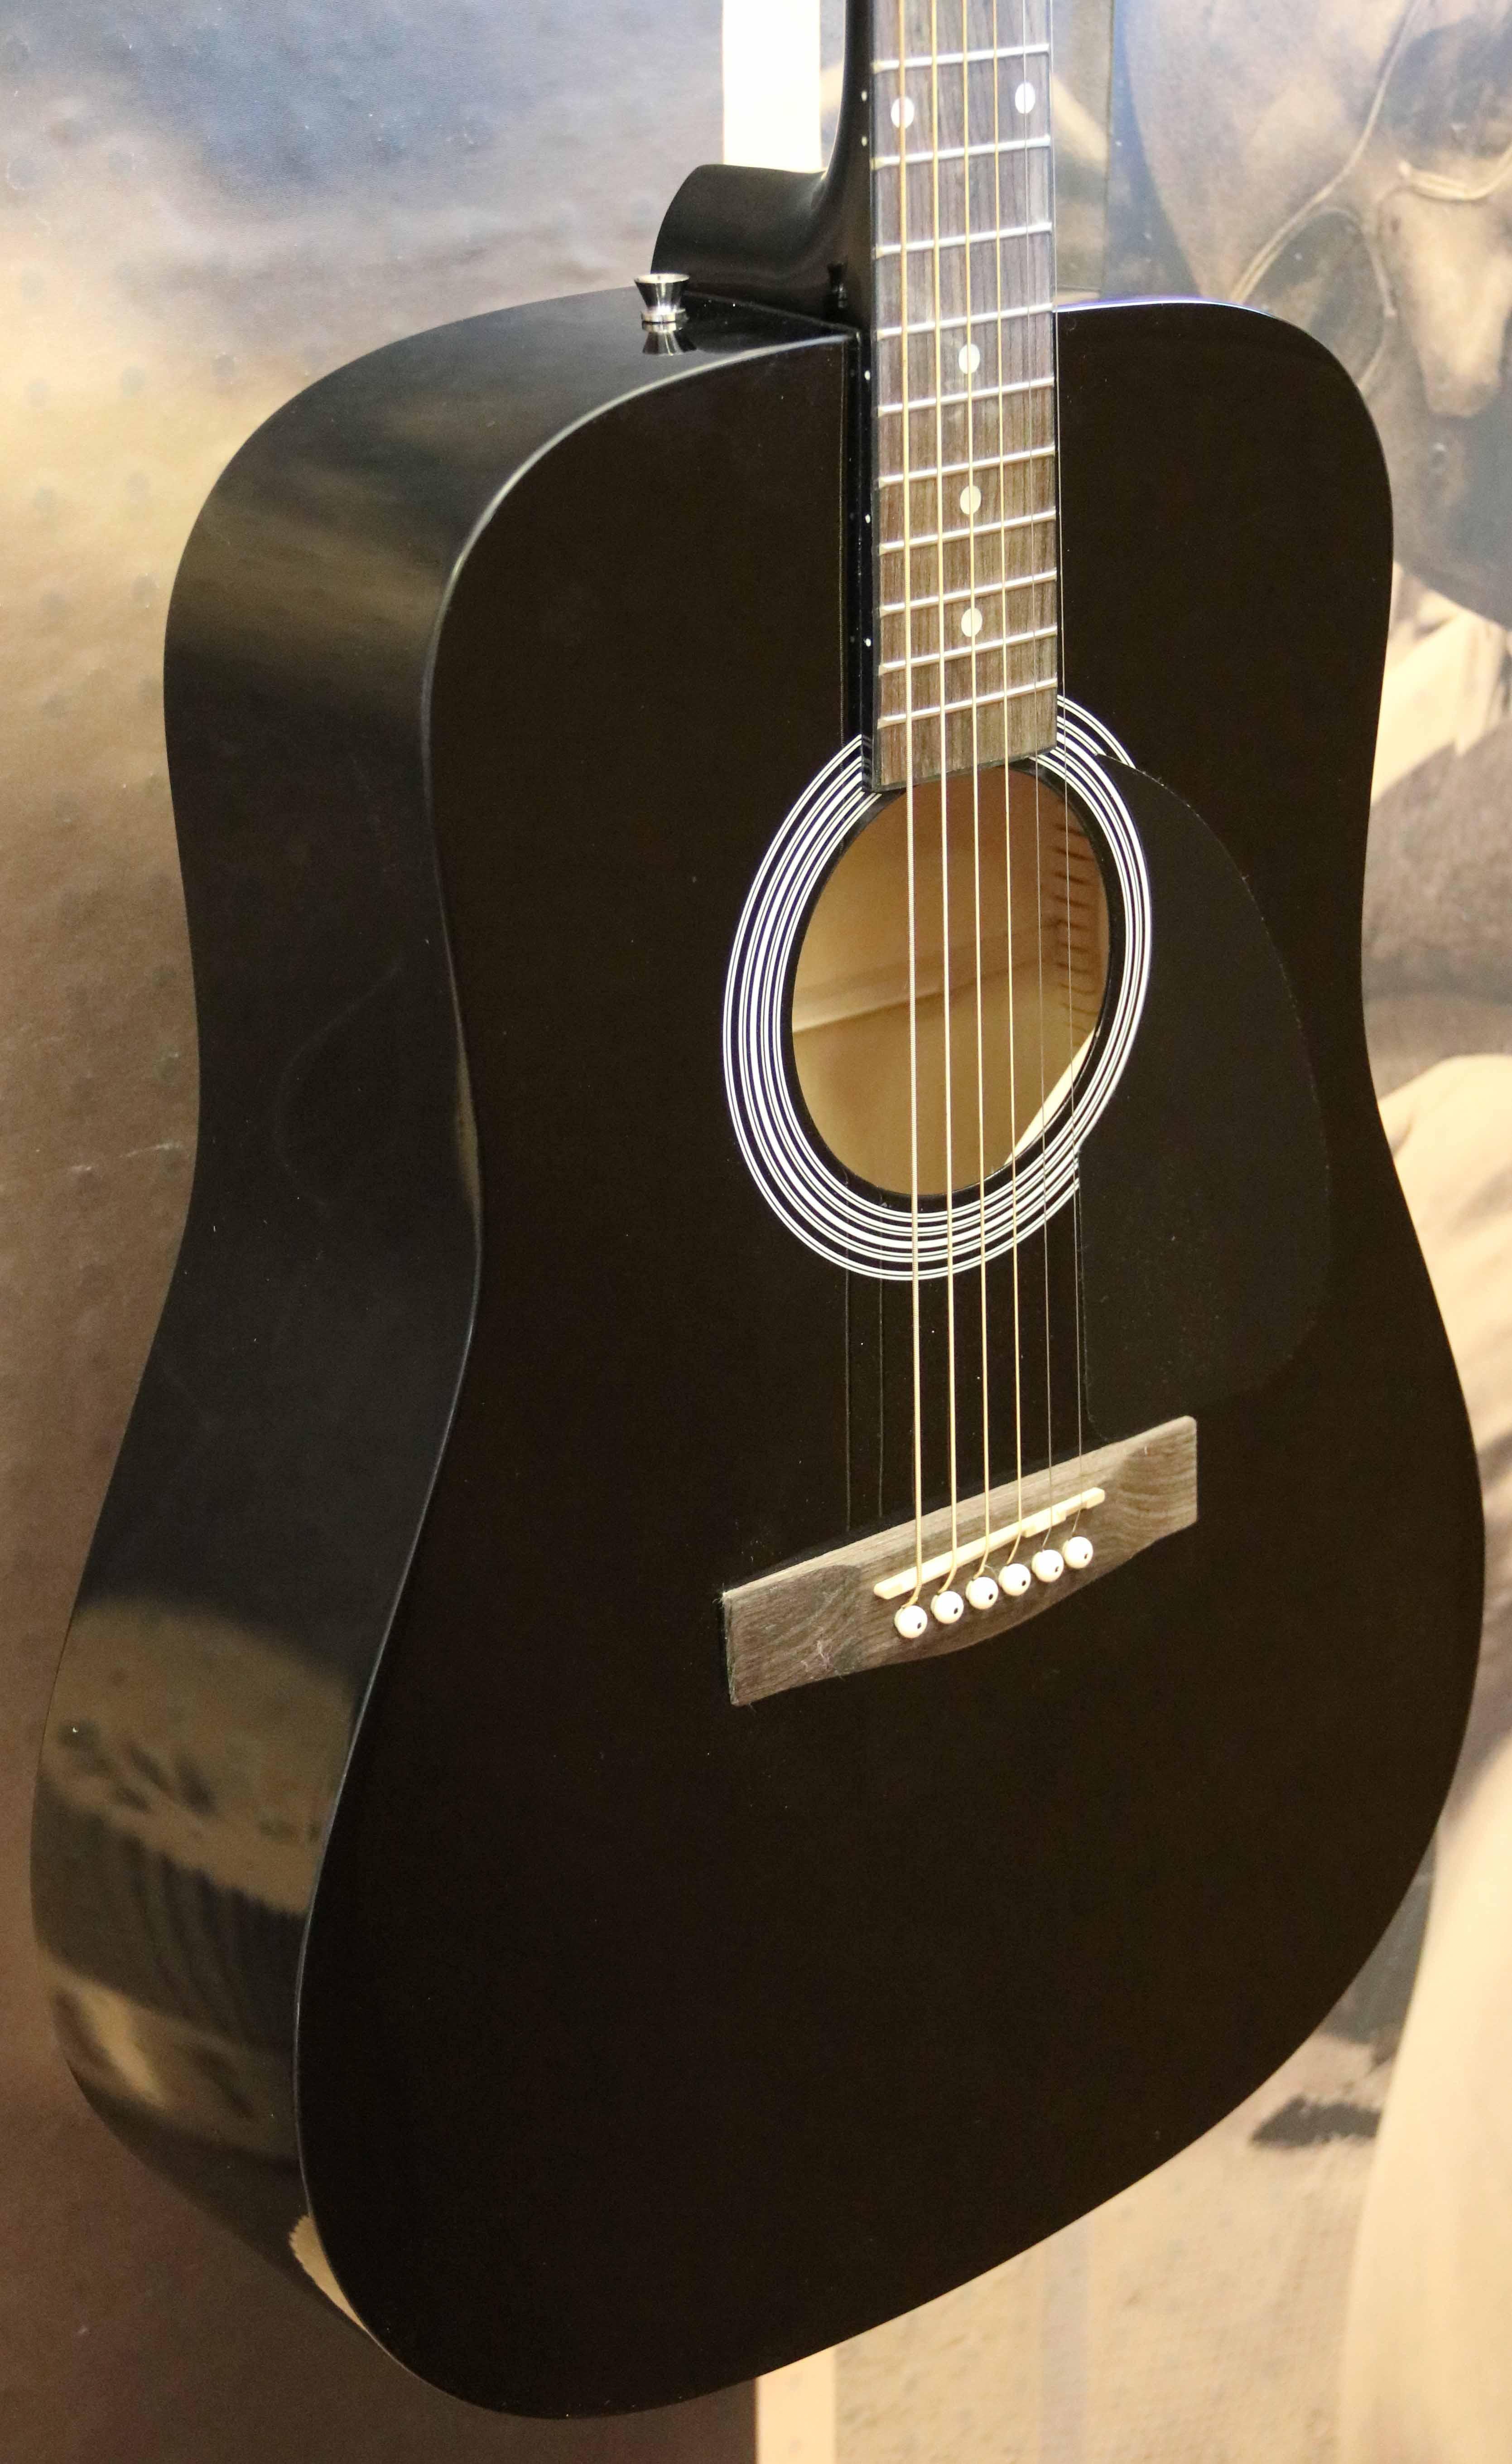 4a51b04514 FENDER FA-100 DREADNOUGHT Acoustic Guitar - Black - $119.99 | PicClick